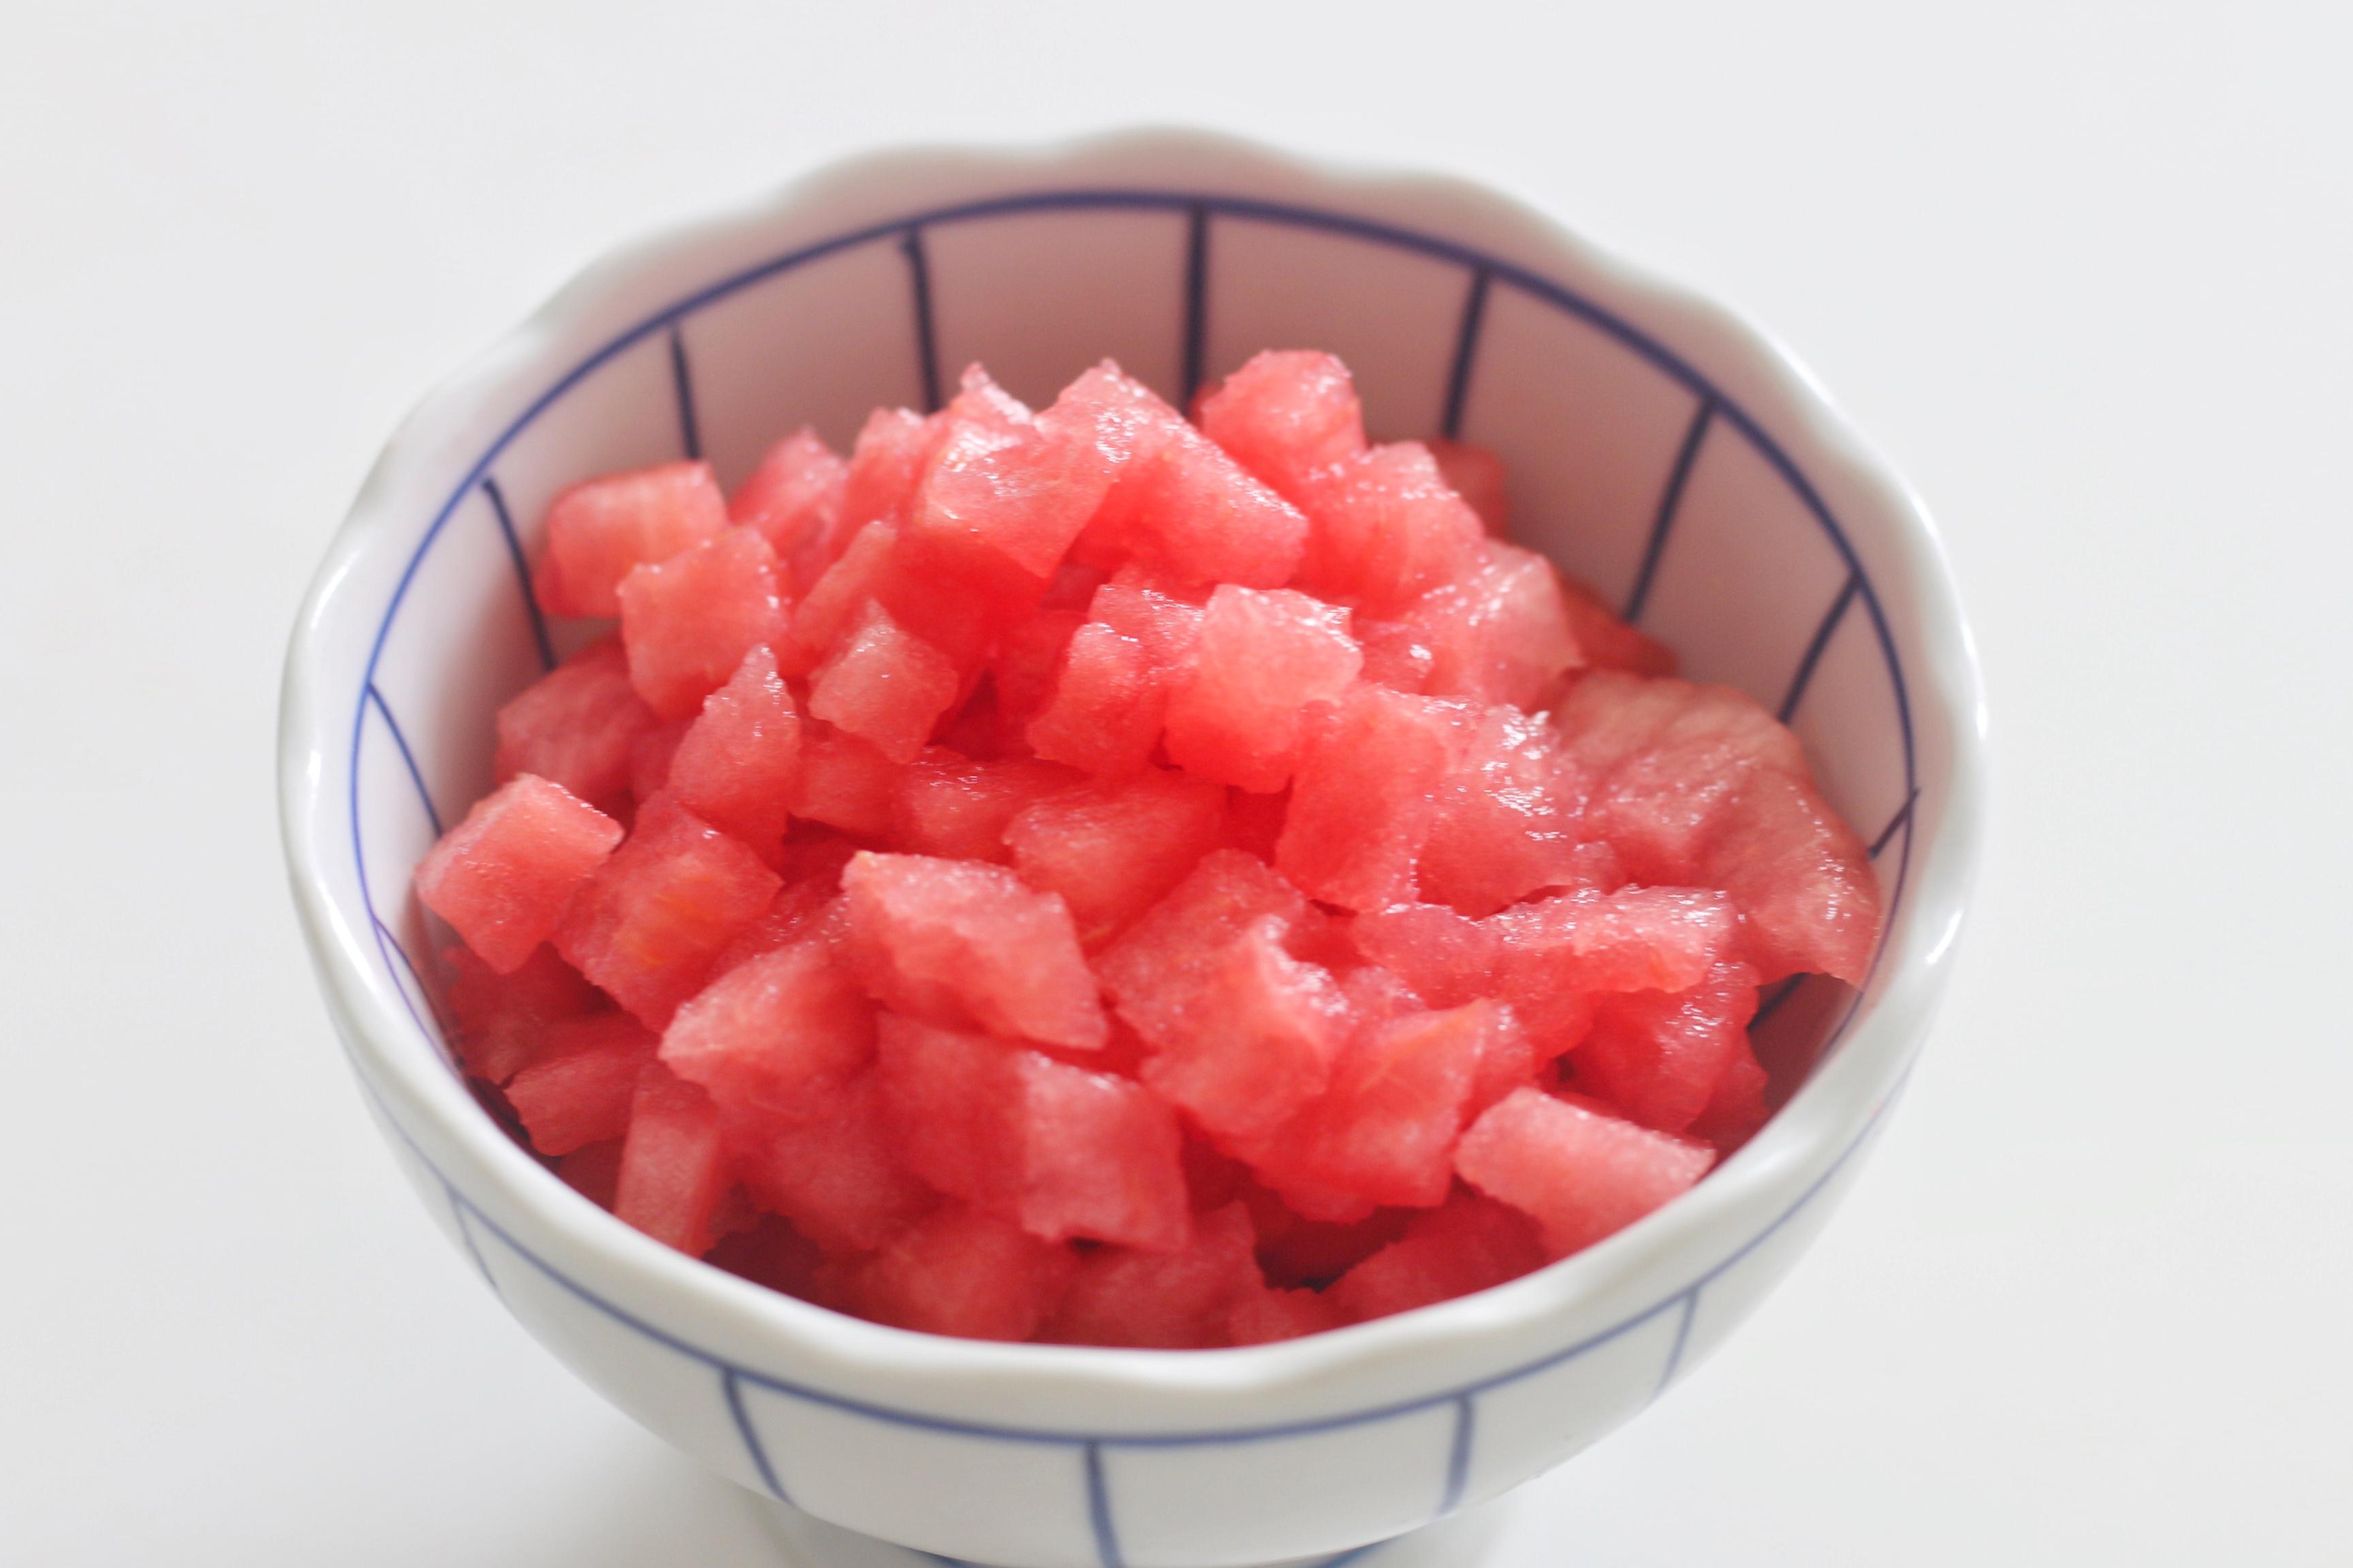 把西瓜做成果冻,冰凉Q弹超解暑,几步就做好,真简单